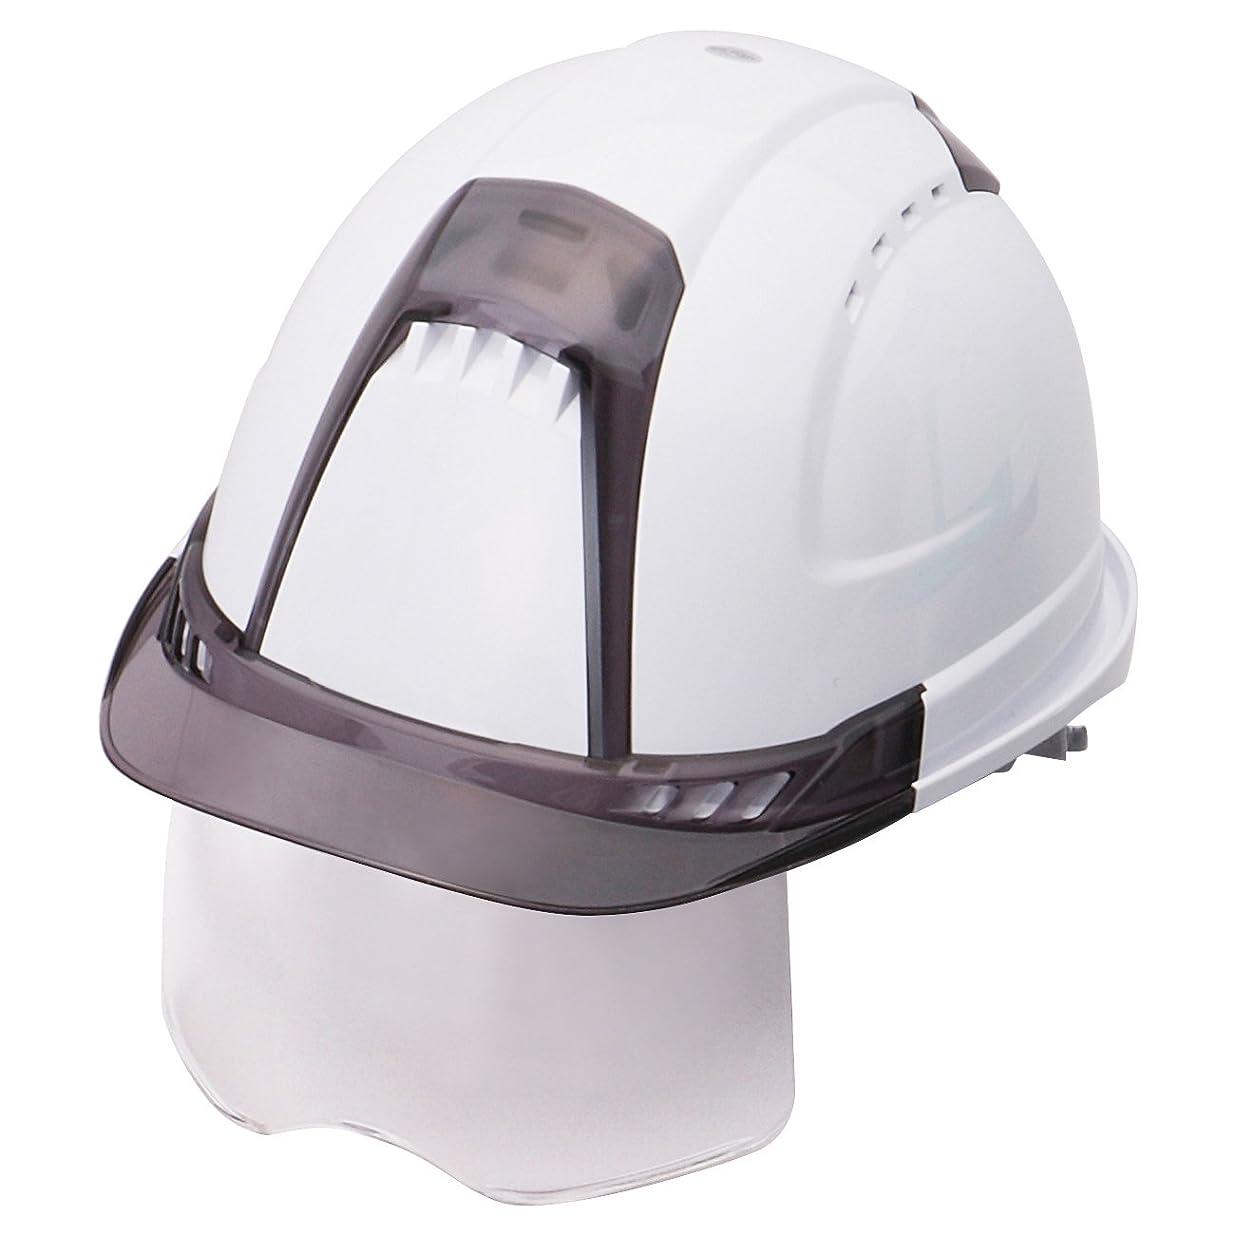 食器棚宿泊解明するTOYO シールド付きヘルメット ヴェンティープラス スチロール入り 白/スモーク/クリア No.391F-S-C